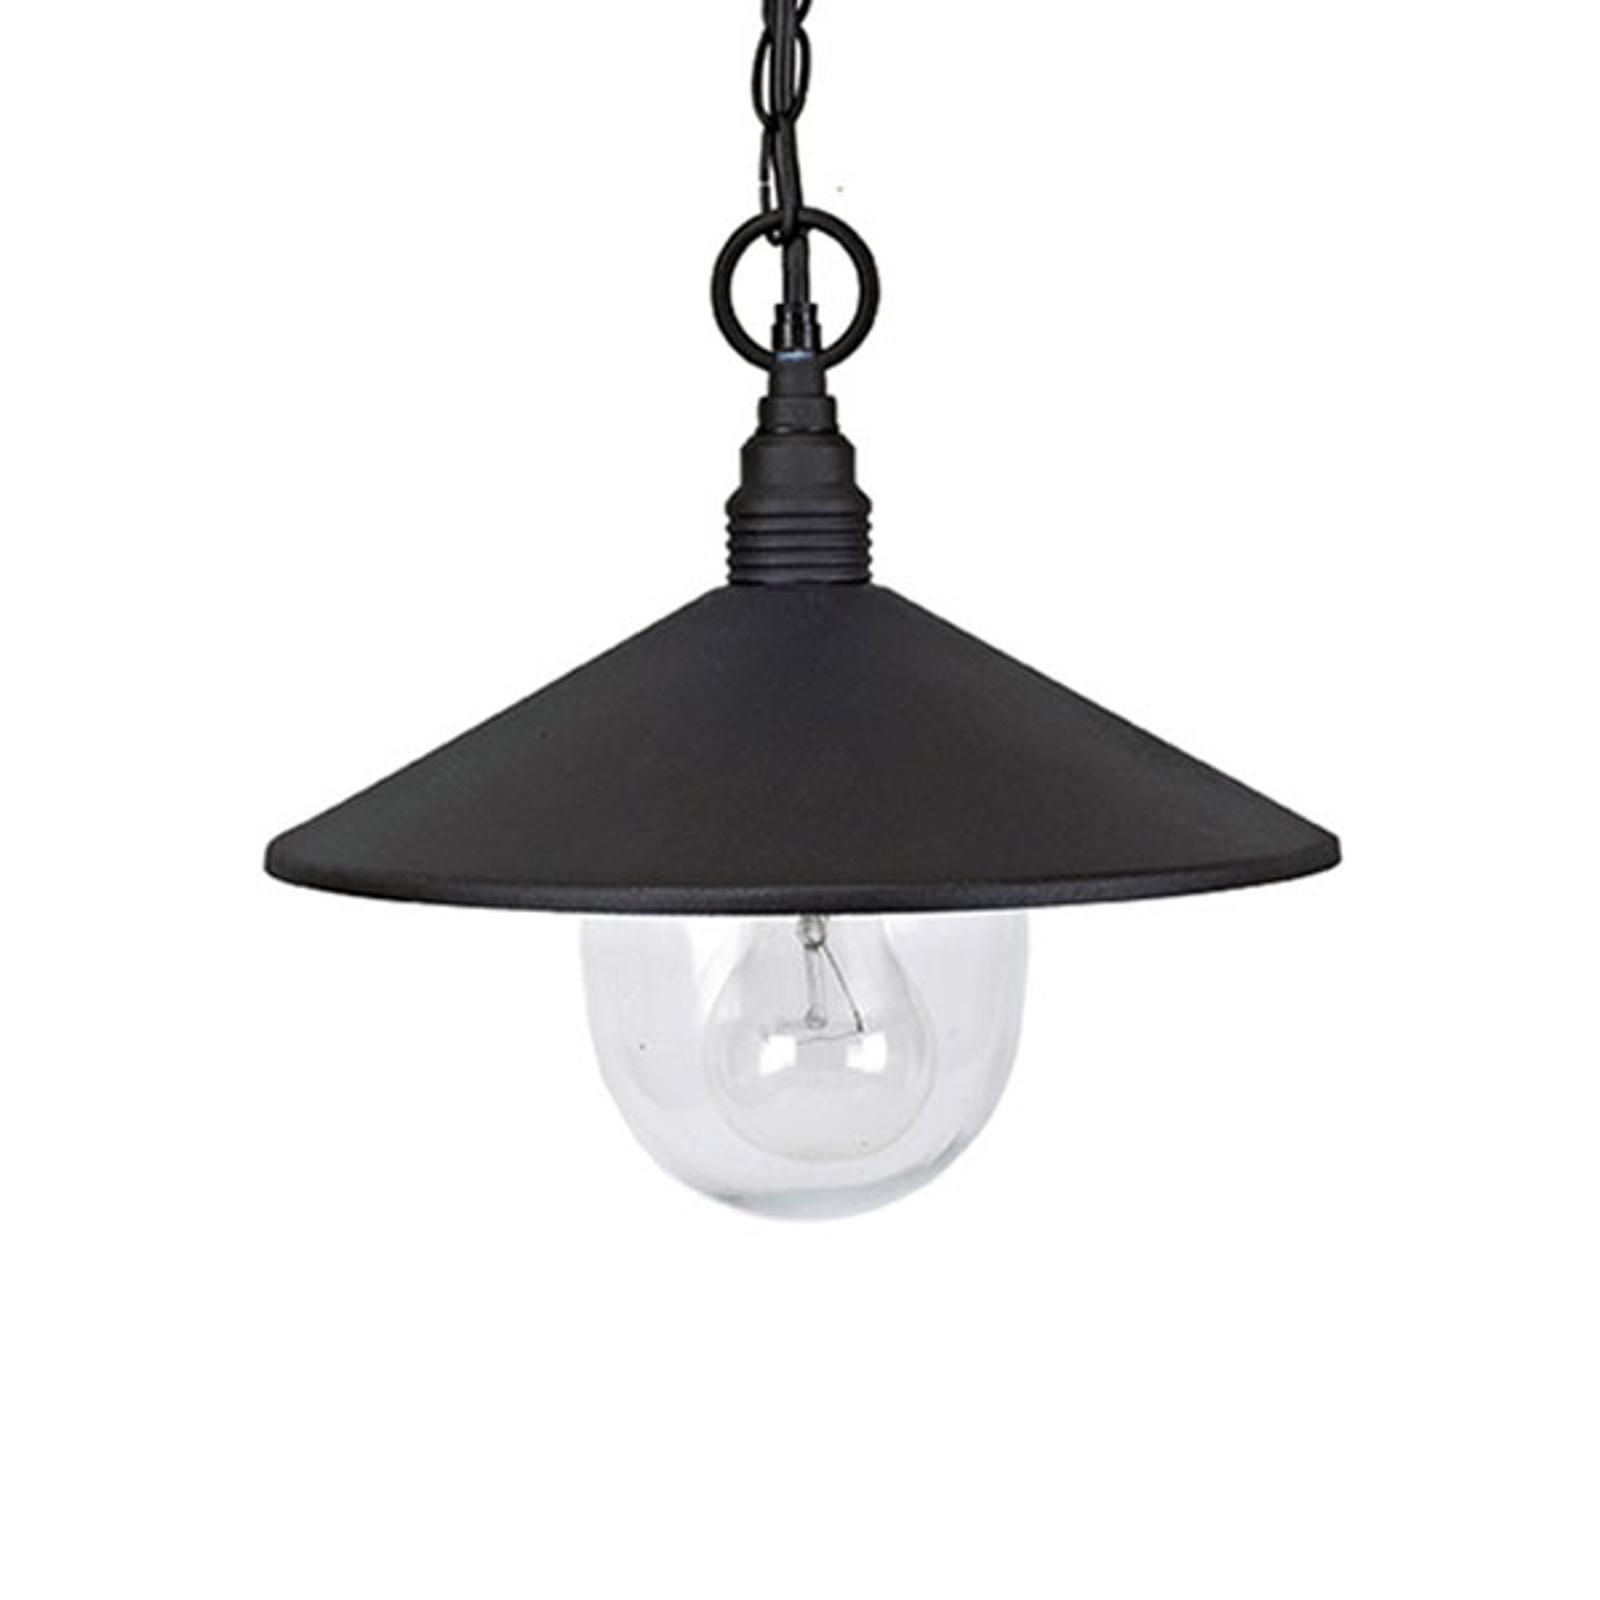 Venkovní závěsné světlo Pilos z hliníku, černé